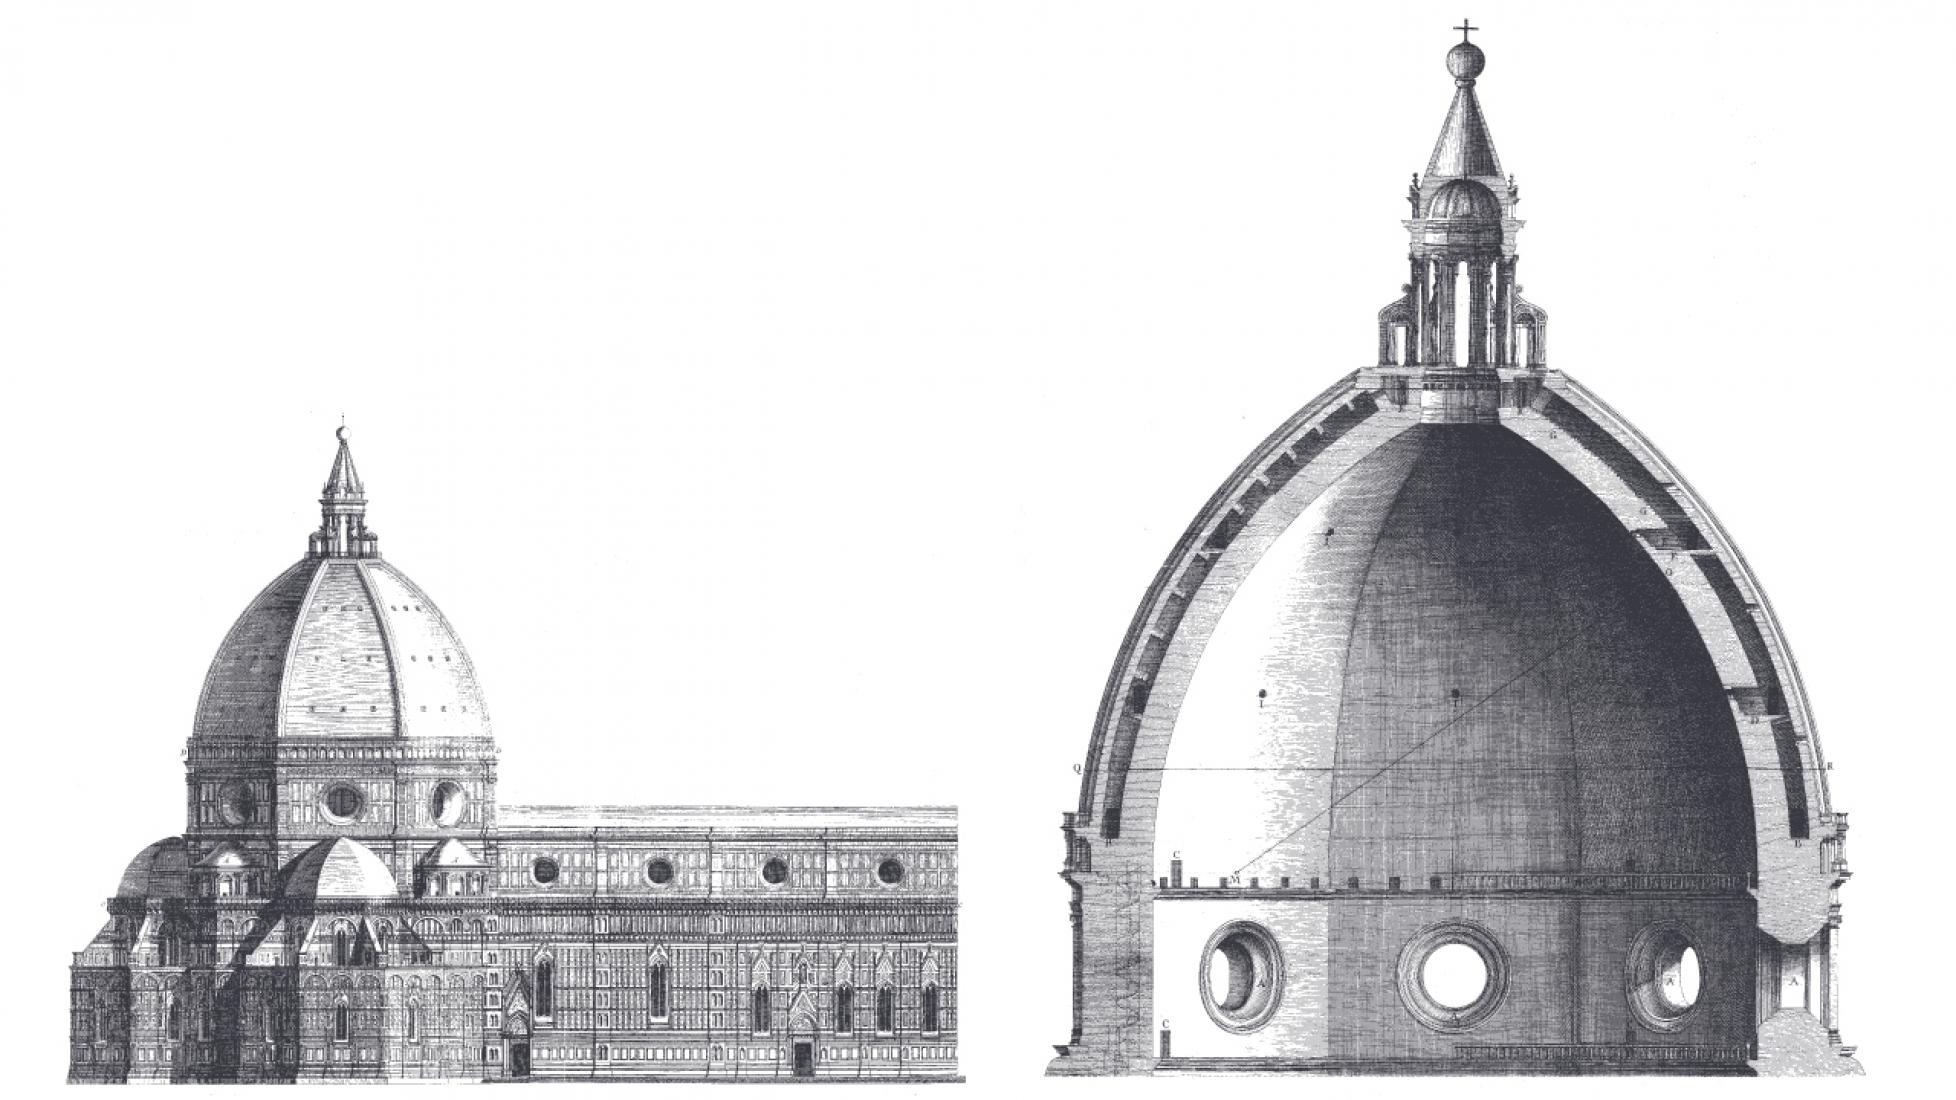 Dibujos de la cupula de Brunelleschi. Imagen cortesía de Il Grande Museo del Duomo.nelleschi's Dome. Image courtesy of Il Grande Museo del Duomo.